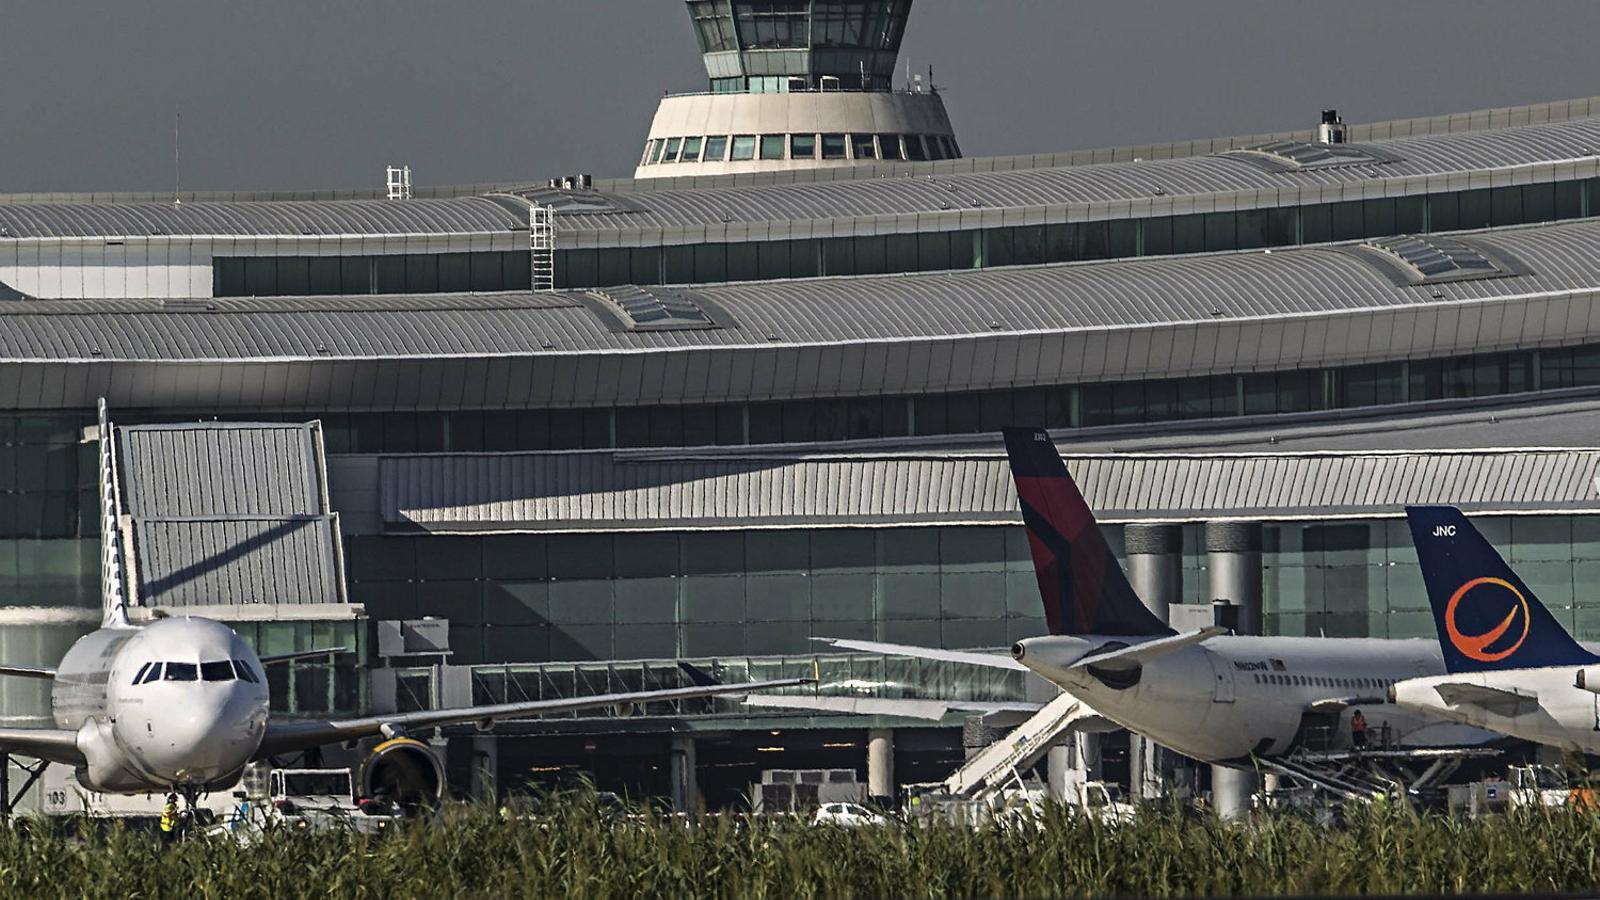 L'aeroport del Prat vist des de les pistes, un dels focus de la seva possible ampliació.